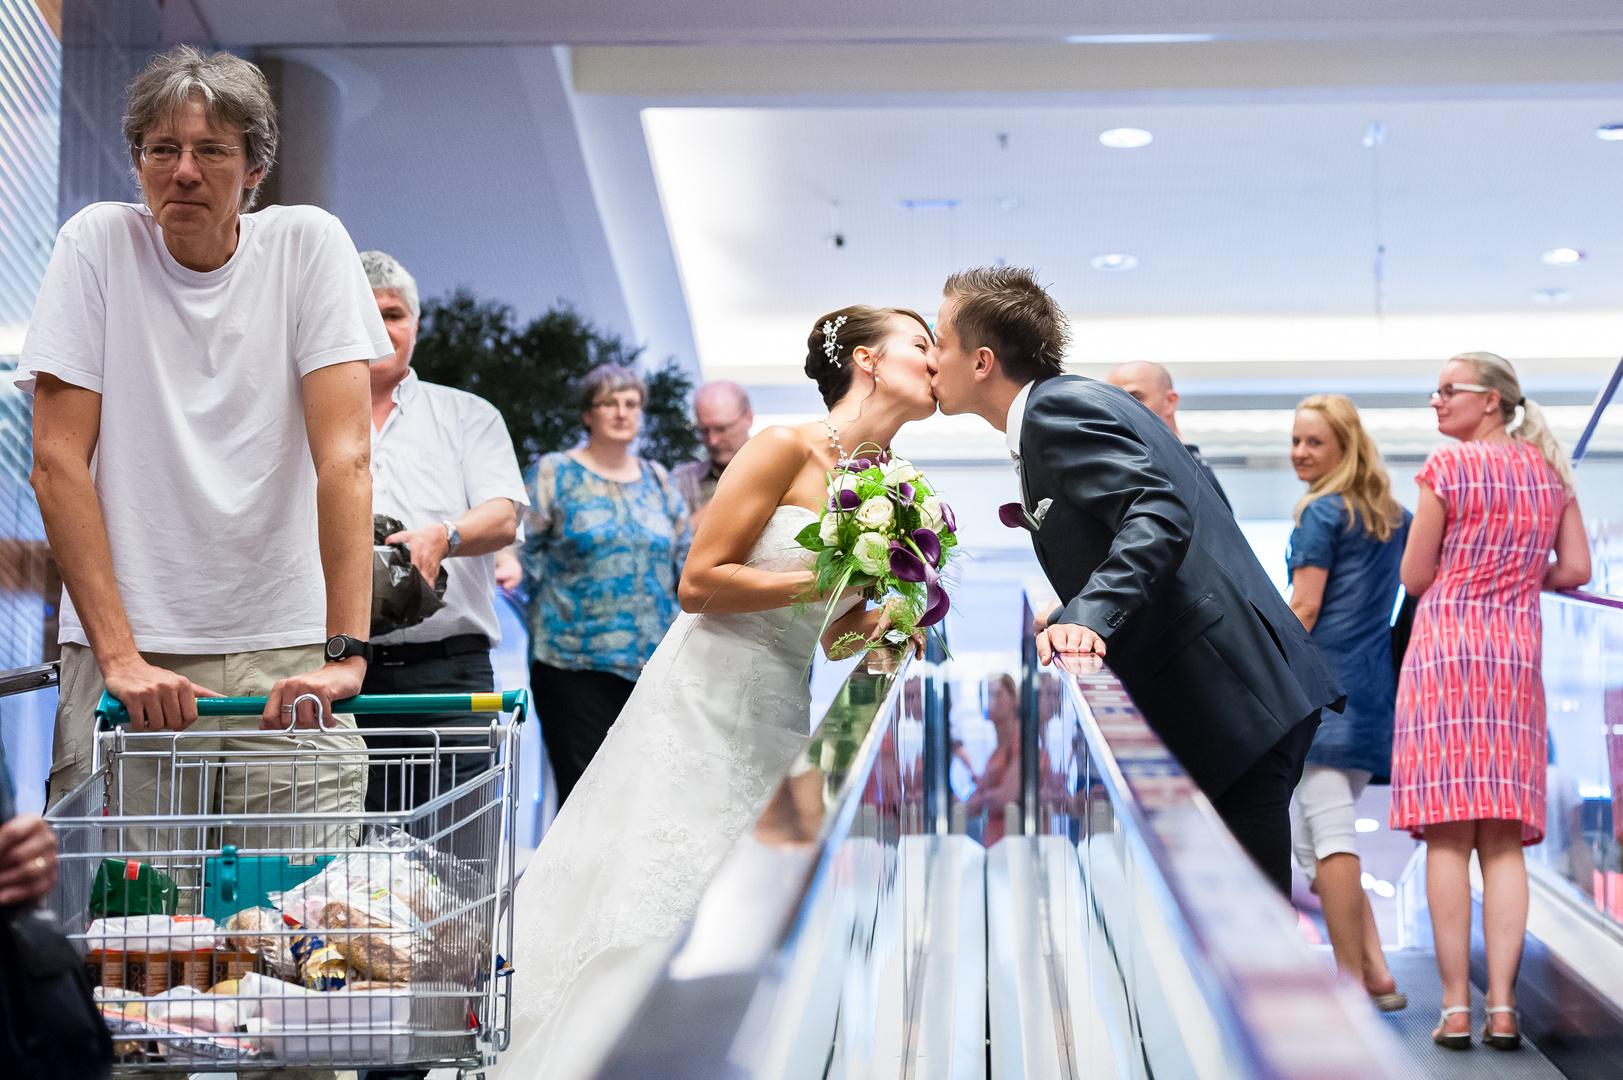 wedding escalator